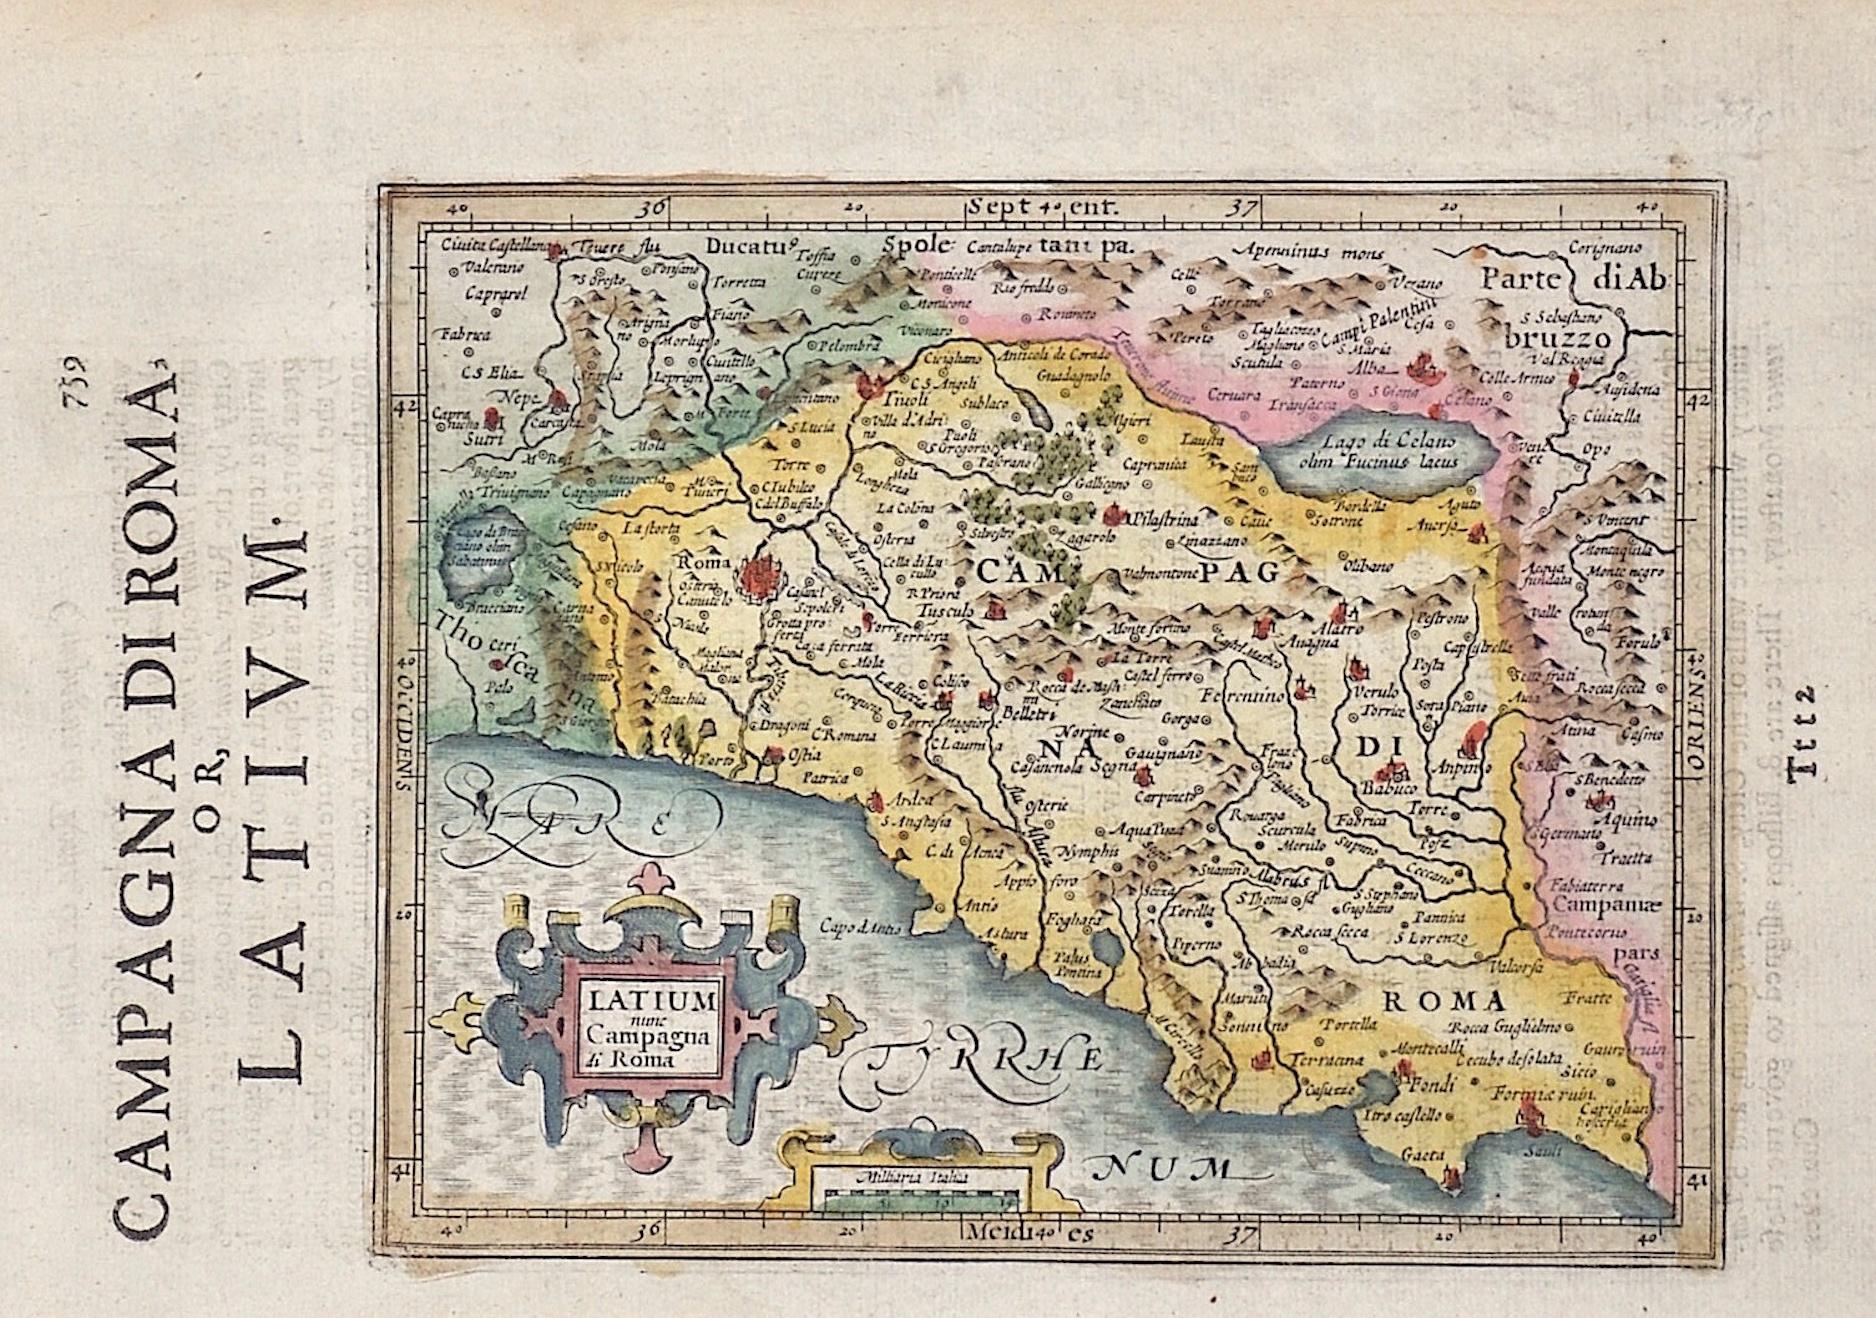 Hondius/Sparke  Latium nunc campagne di Roma